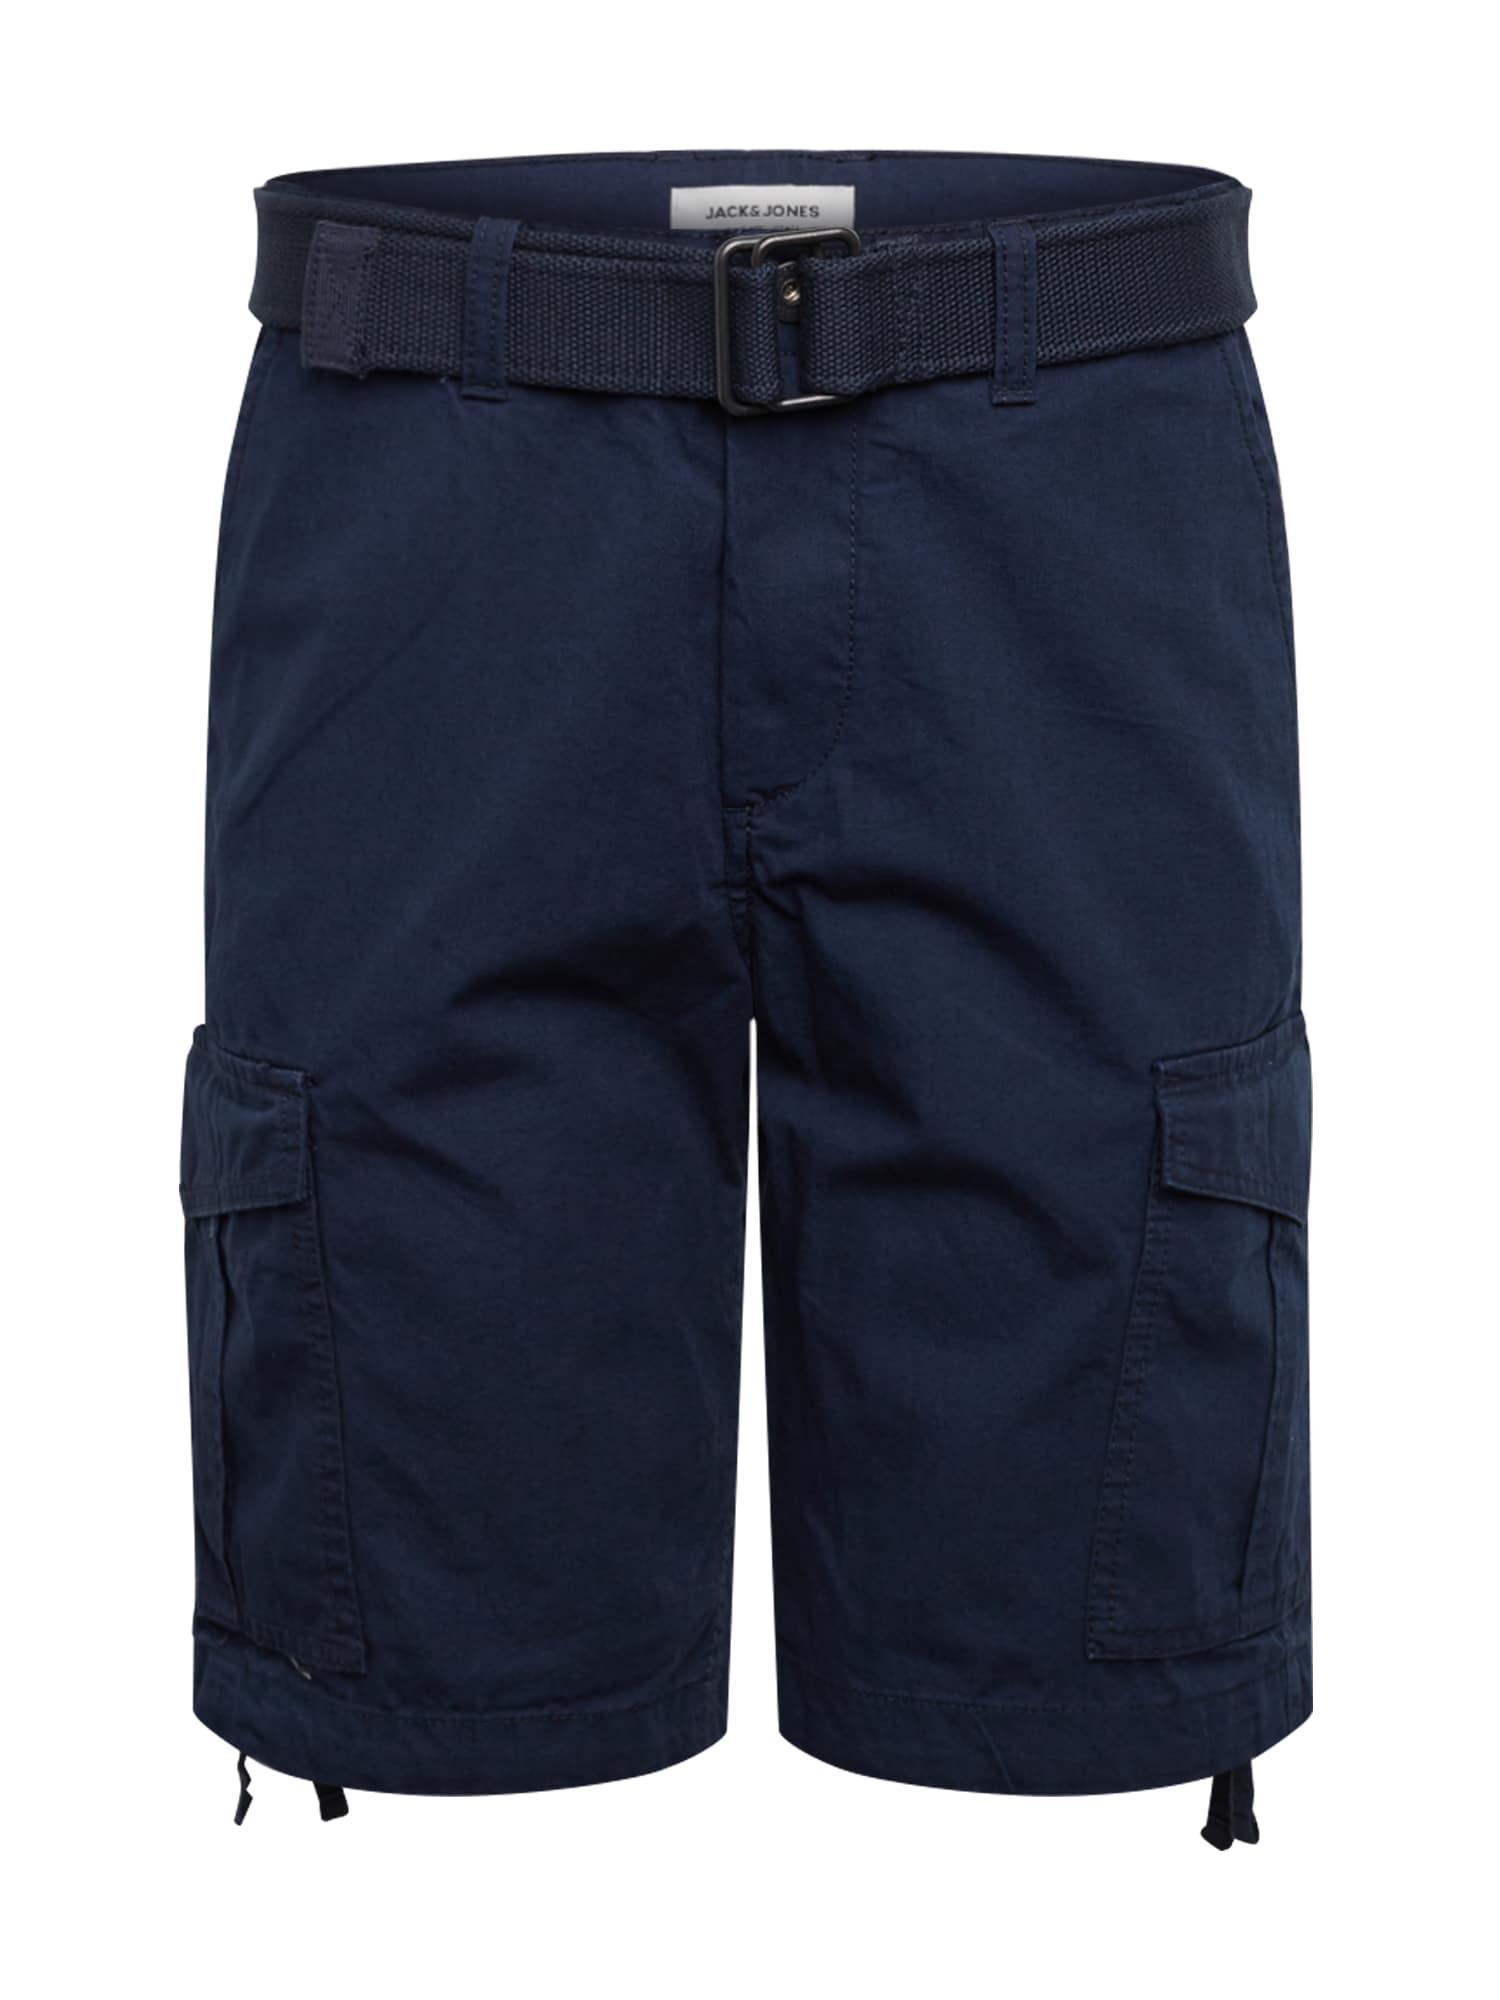 JACK & JONES Laisvo stiliaus kelnės 'CHARLIE' tamsiai mėlyna